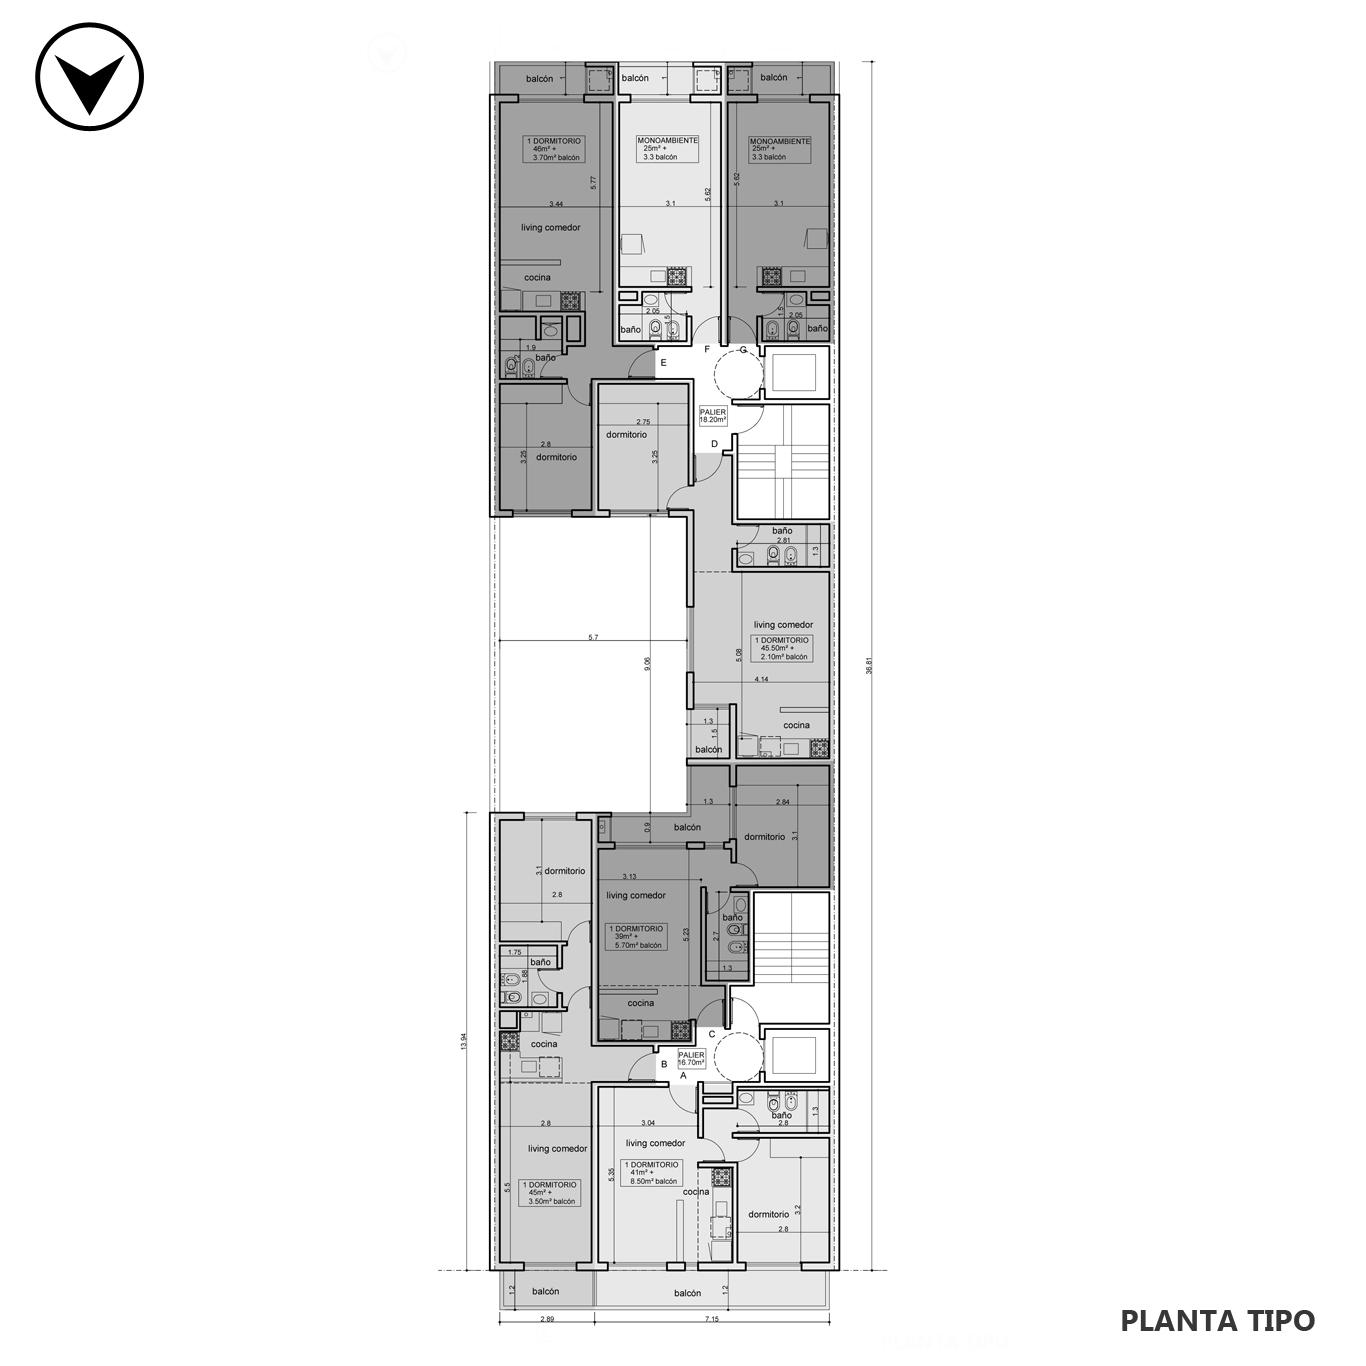 Venta departamento 1 dormitorio Rosario, Centro. Cod CBU24743 AP2302062. Crestale Propiedades